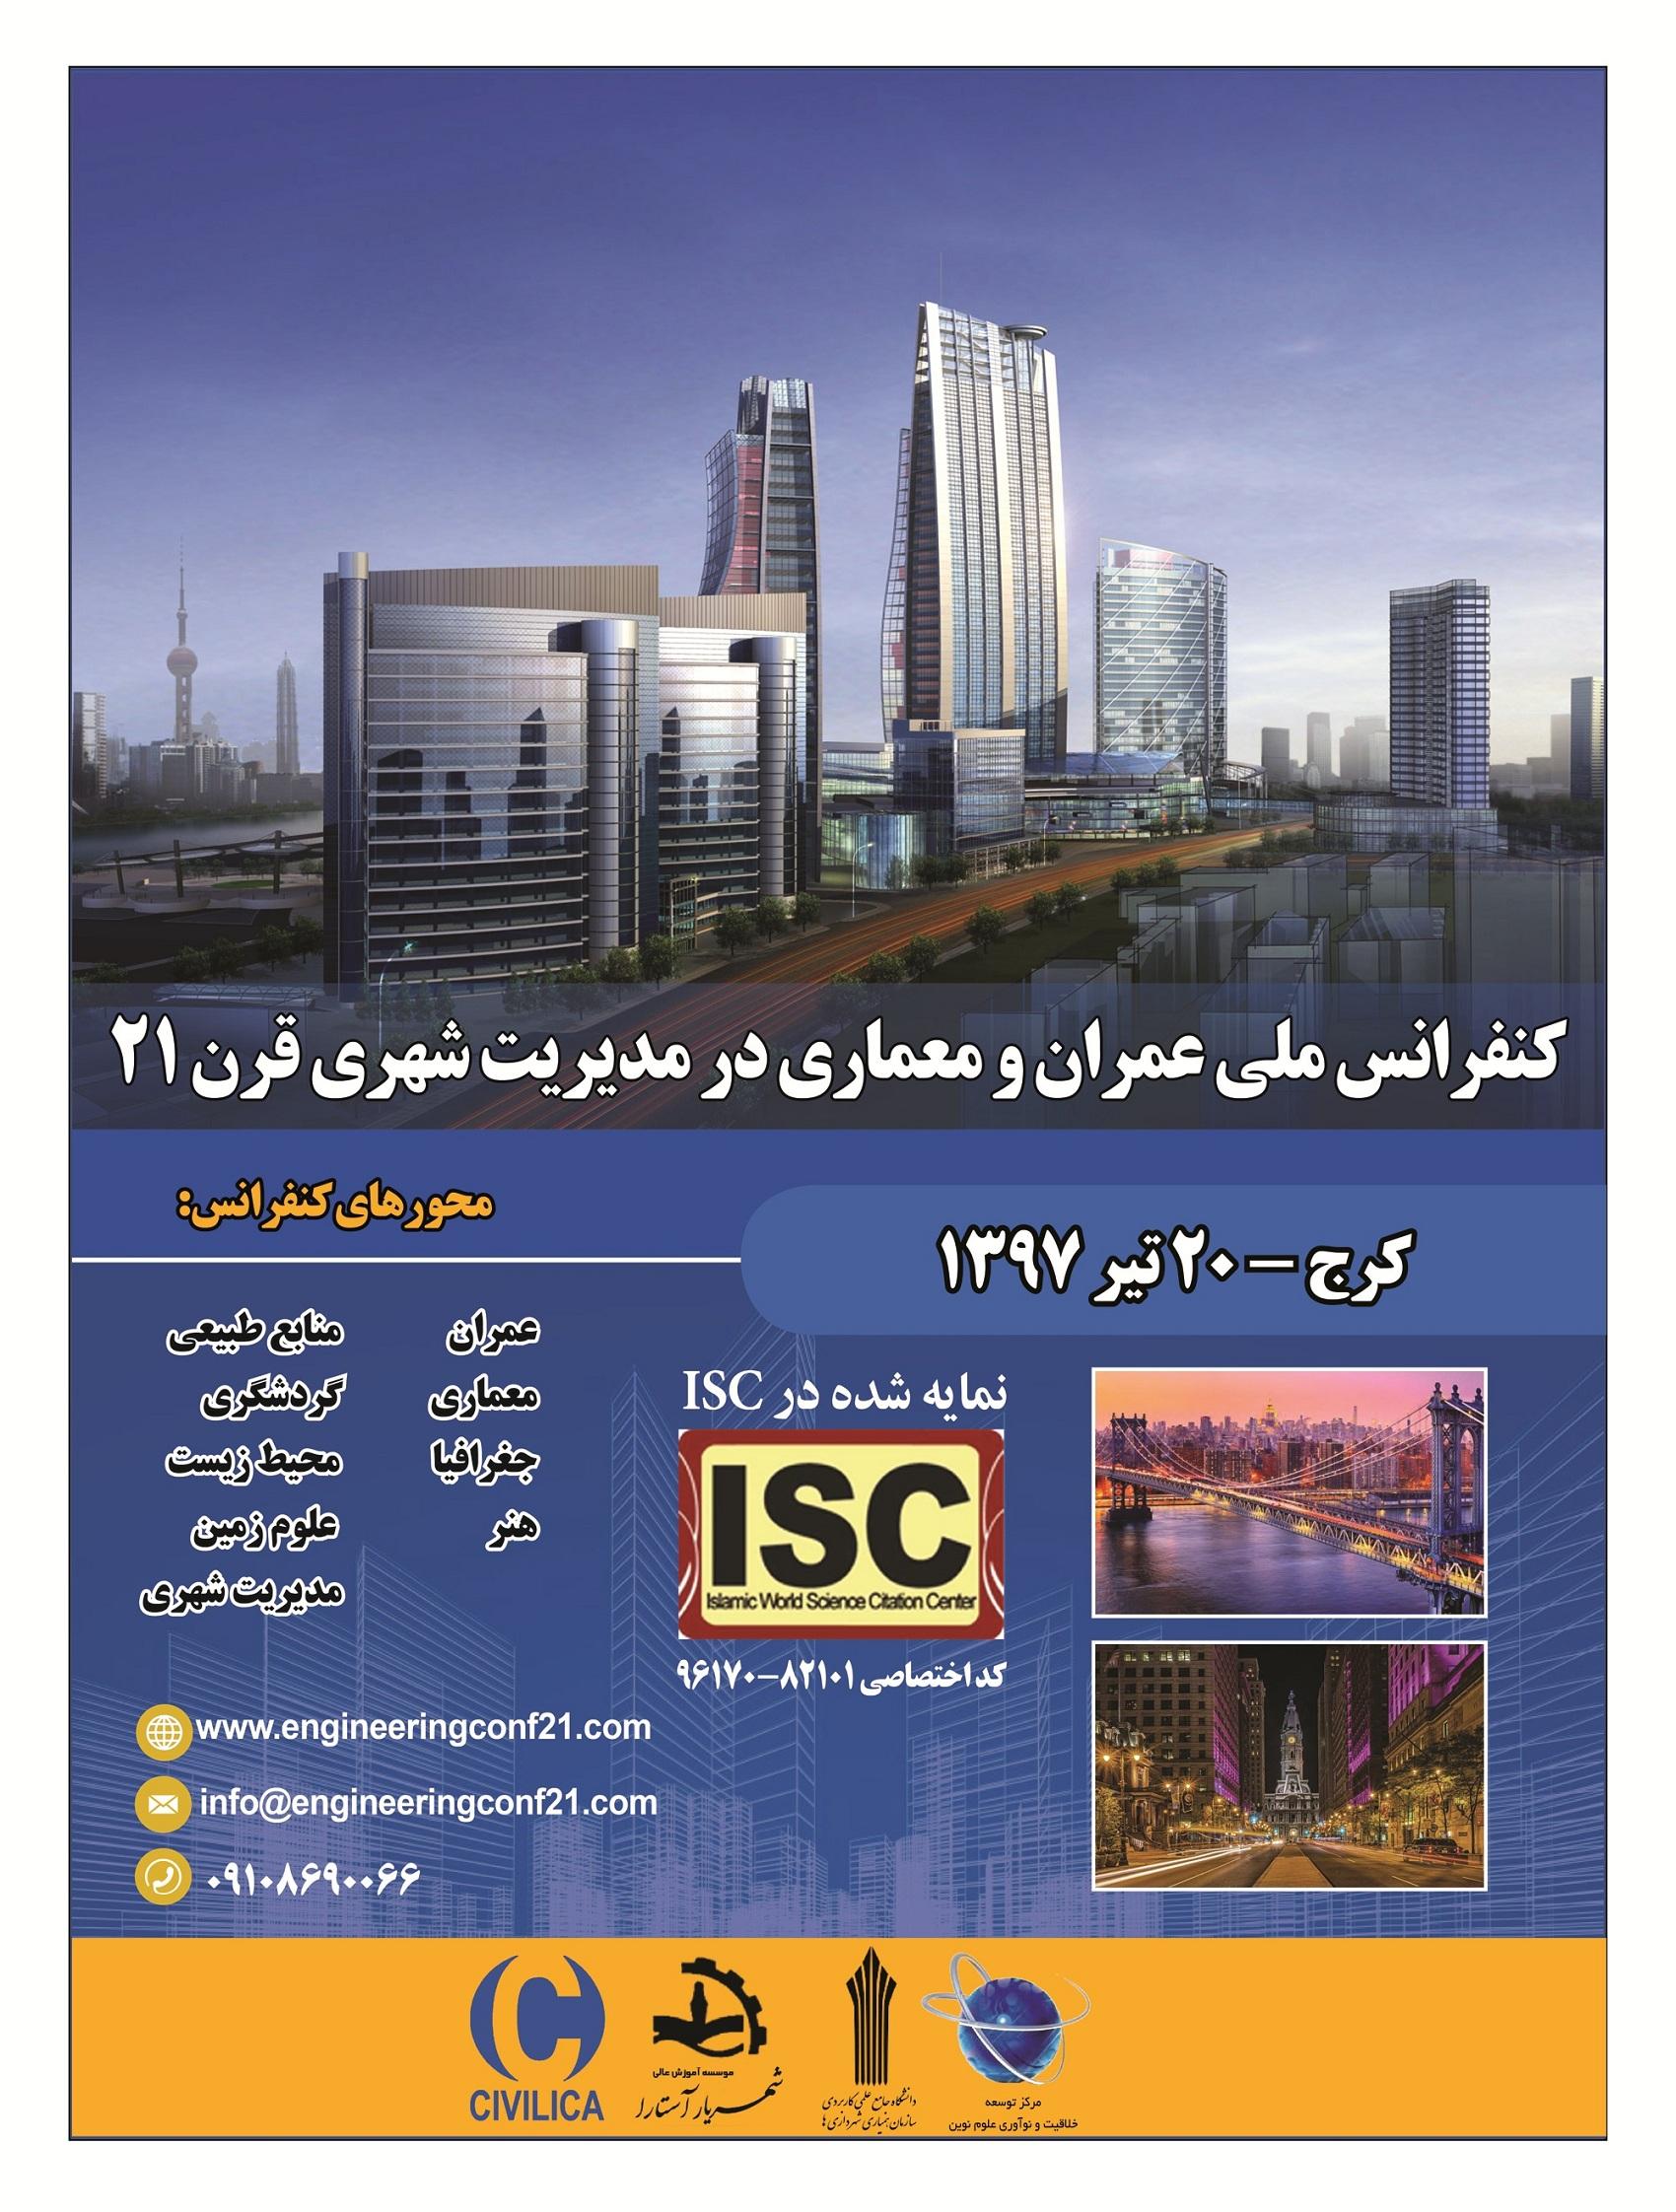 کنفرانس ملی عمران و معماری در مدیریت شهری قرن 21 - کرج